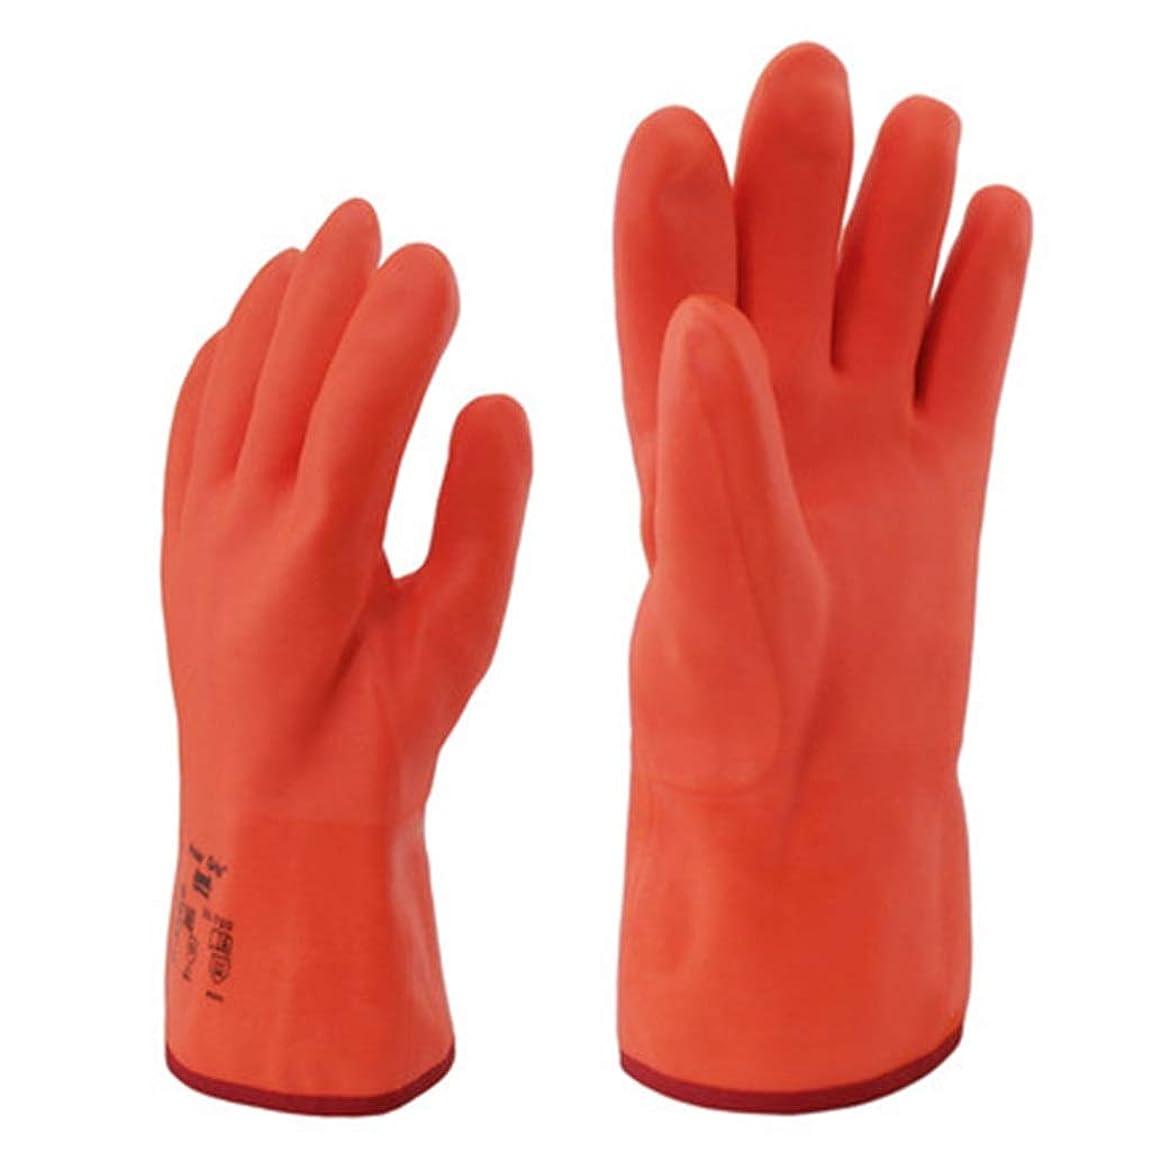 ウェイタージャングルモバイルIUYWL手袋 低温液体窒素手袋、実験室用暖かいチルド手袋、29.5cm保護手袋 IUYWL手袋